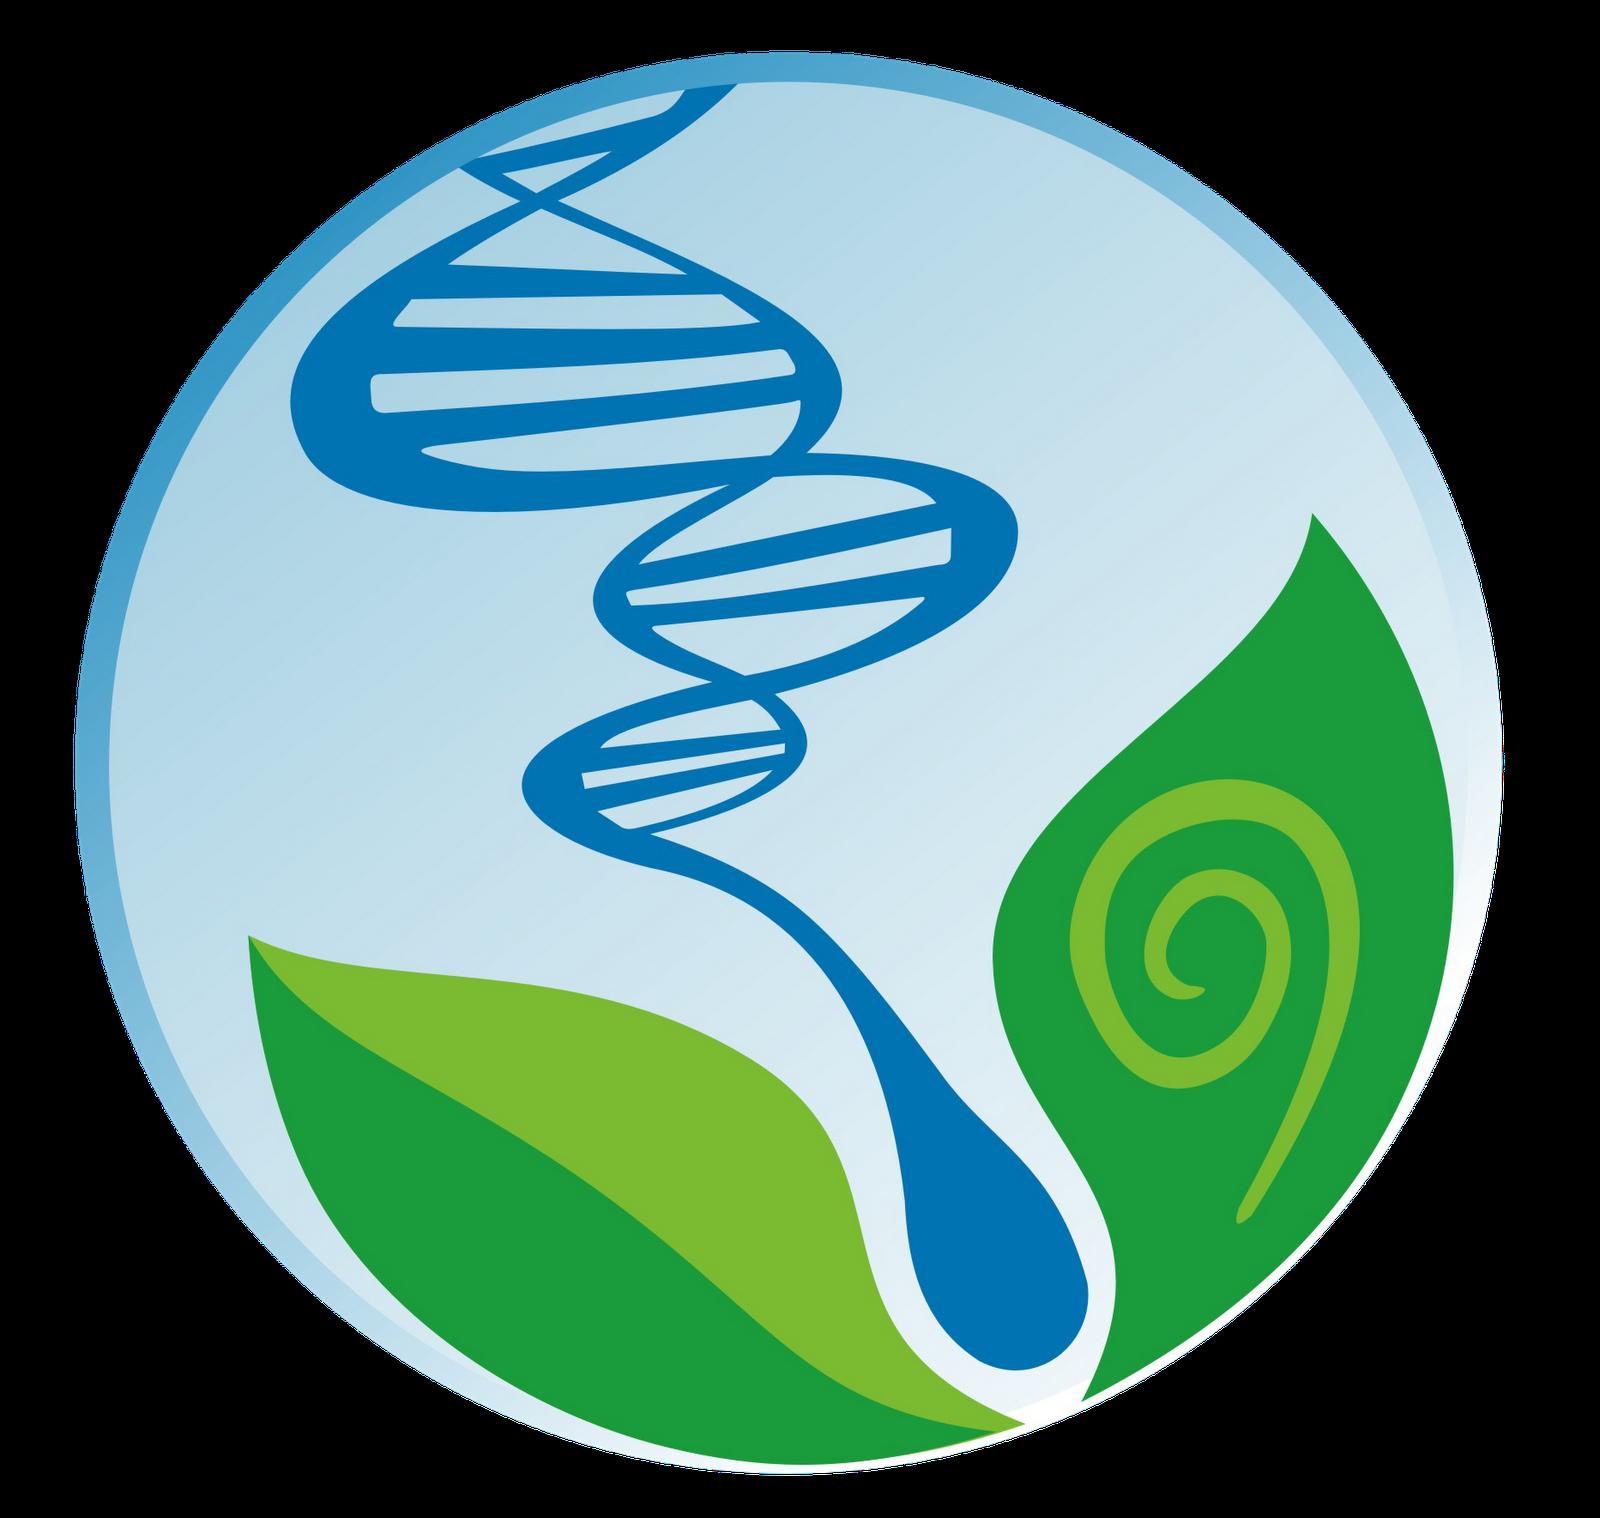 ciências biológicas unemat tangará da serraBiologicas #11